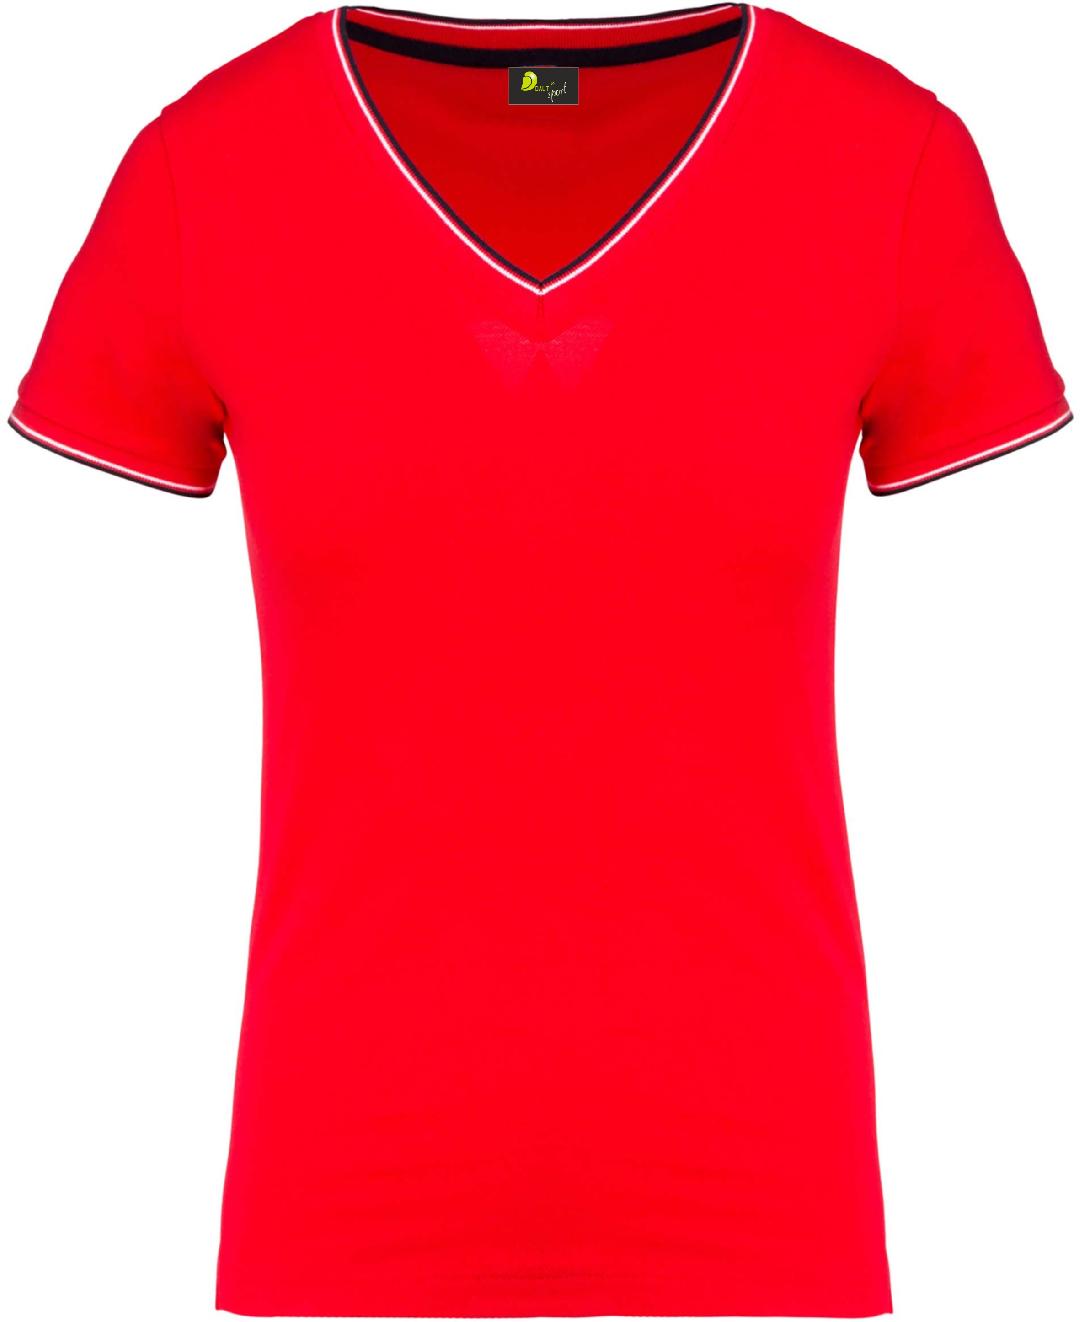 Tshirt de Senhora